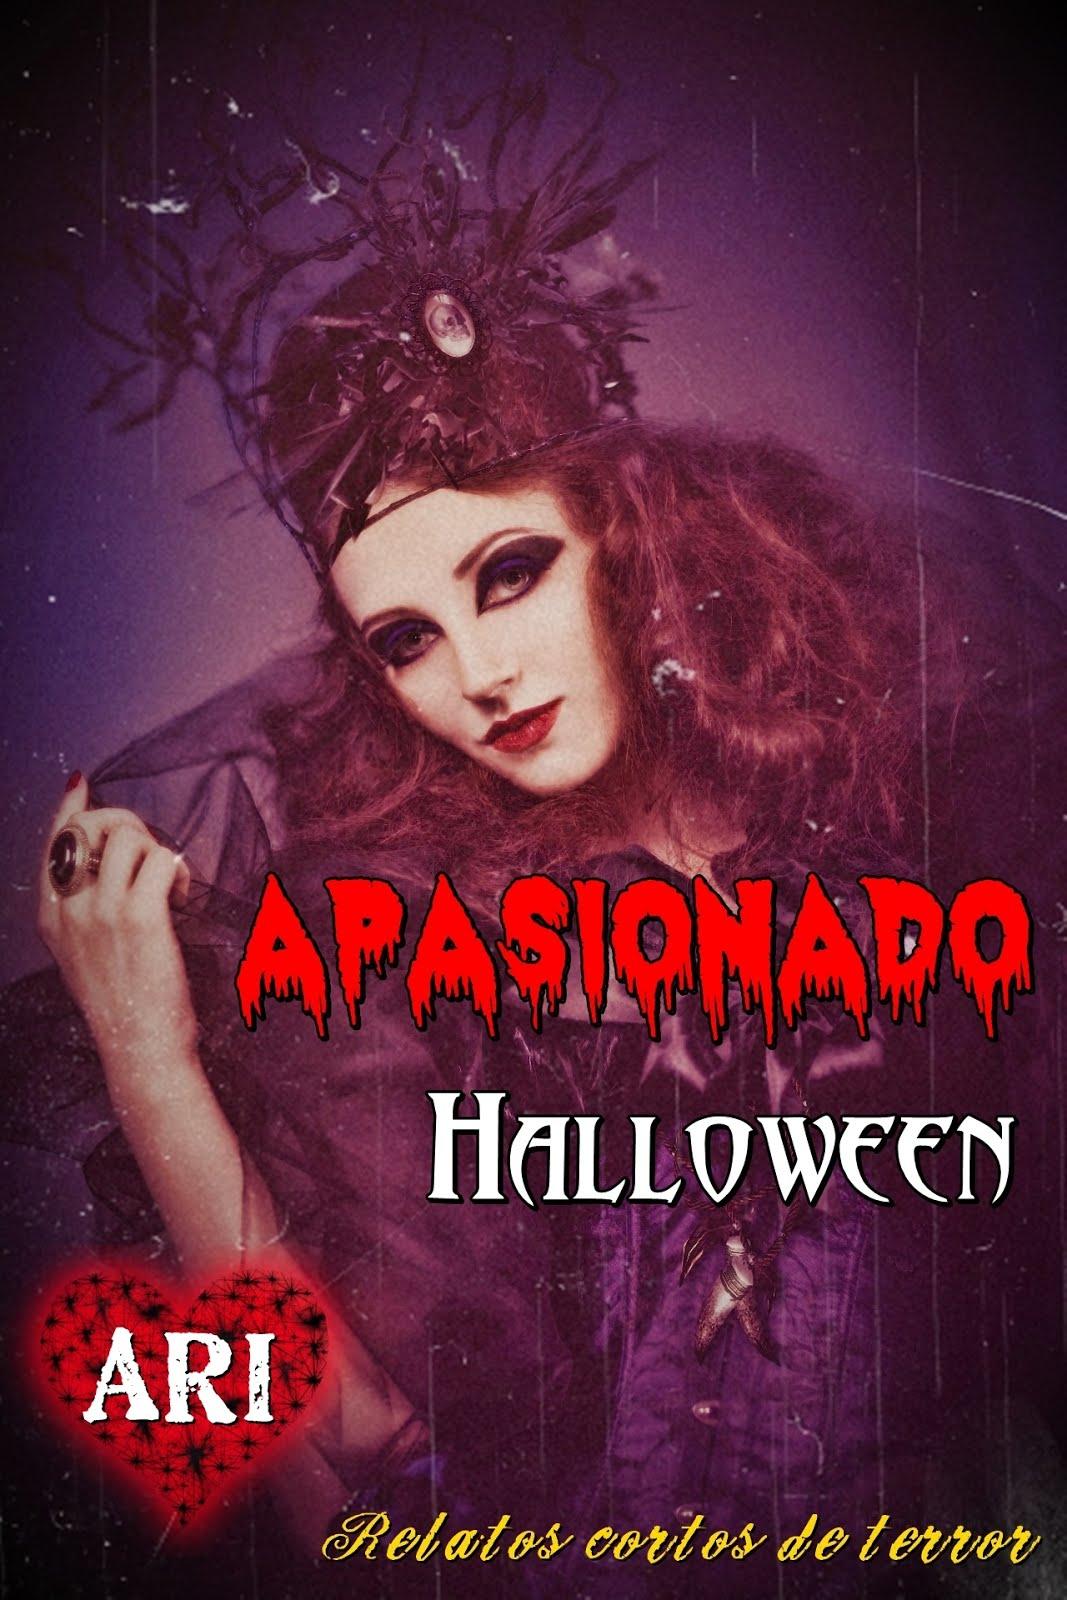 Apasionado Halloween